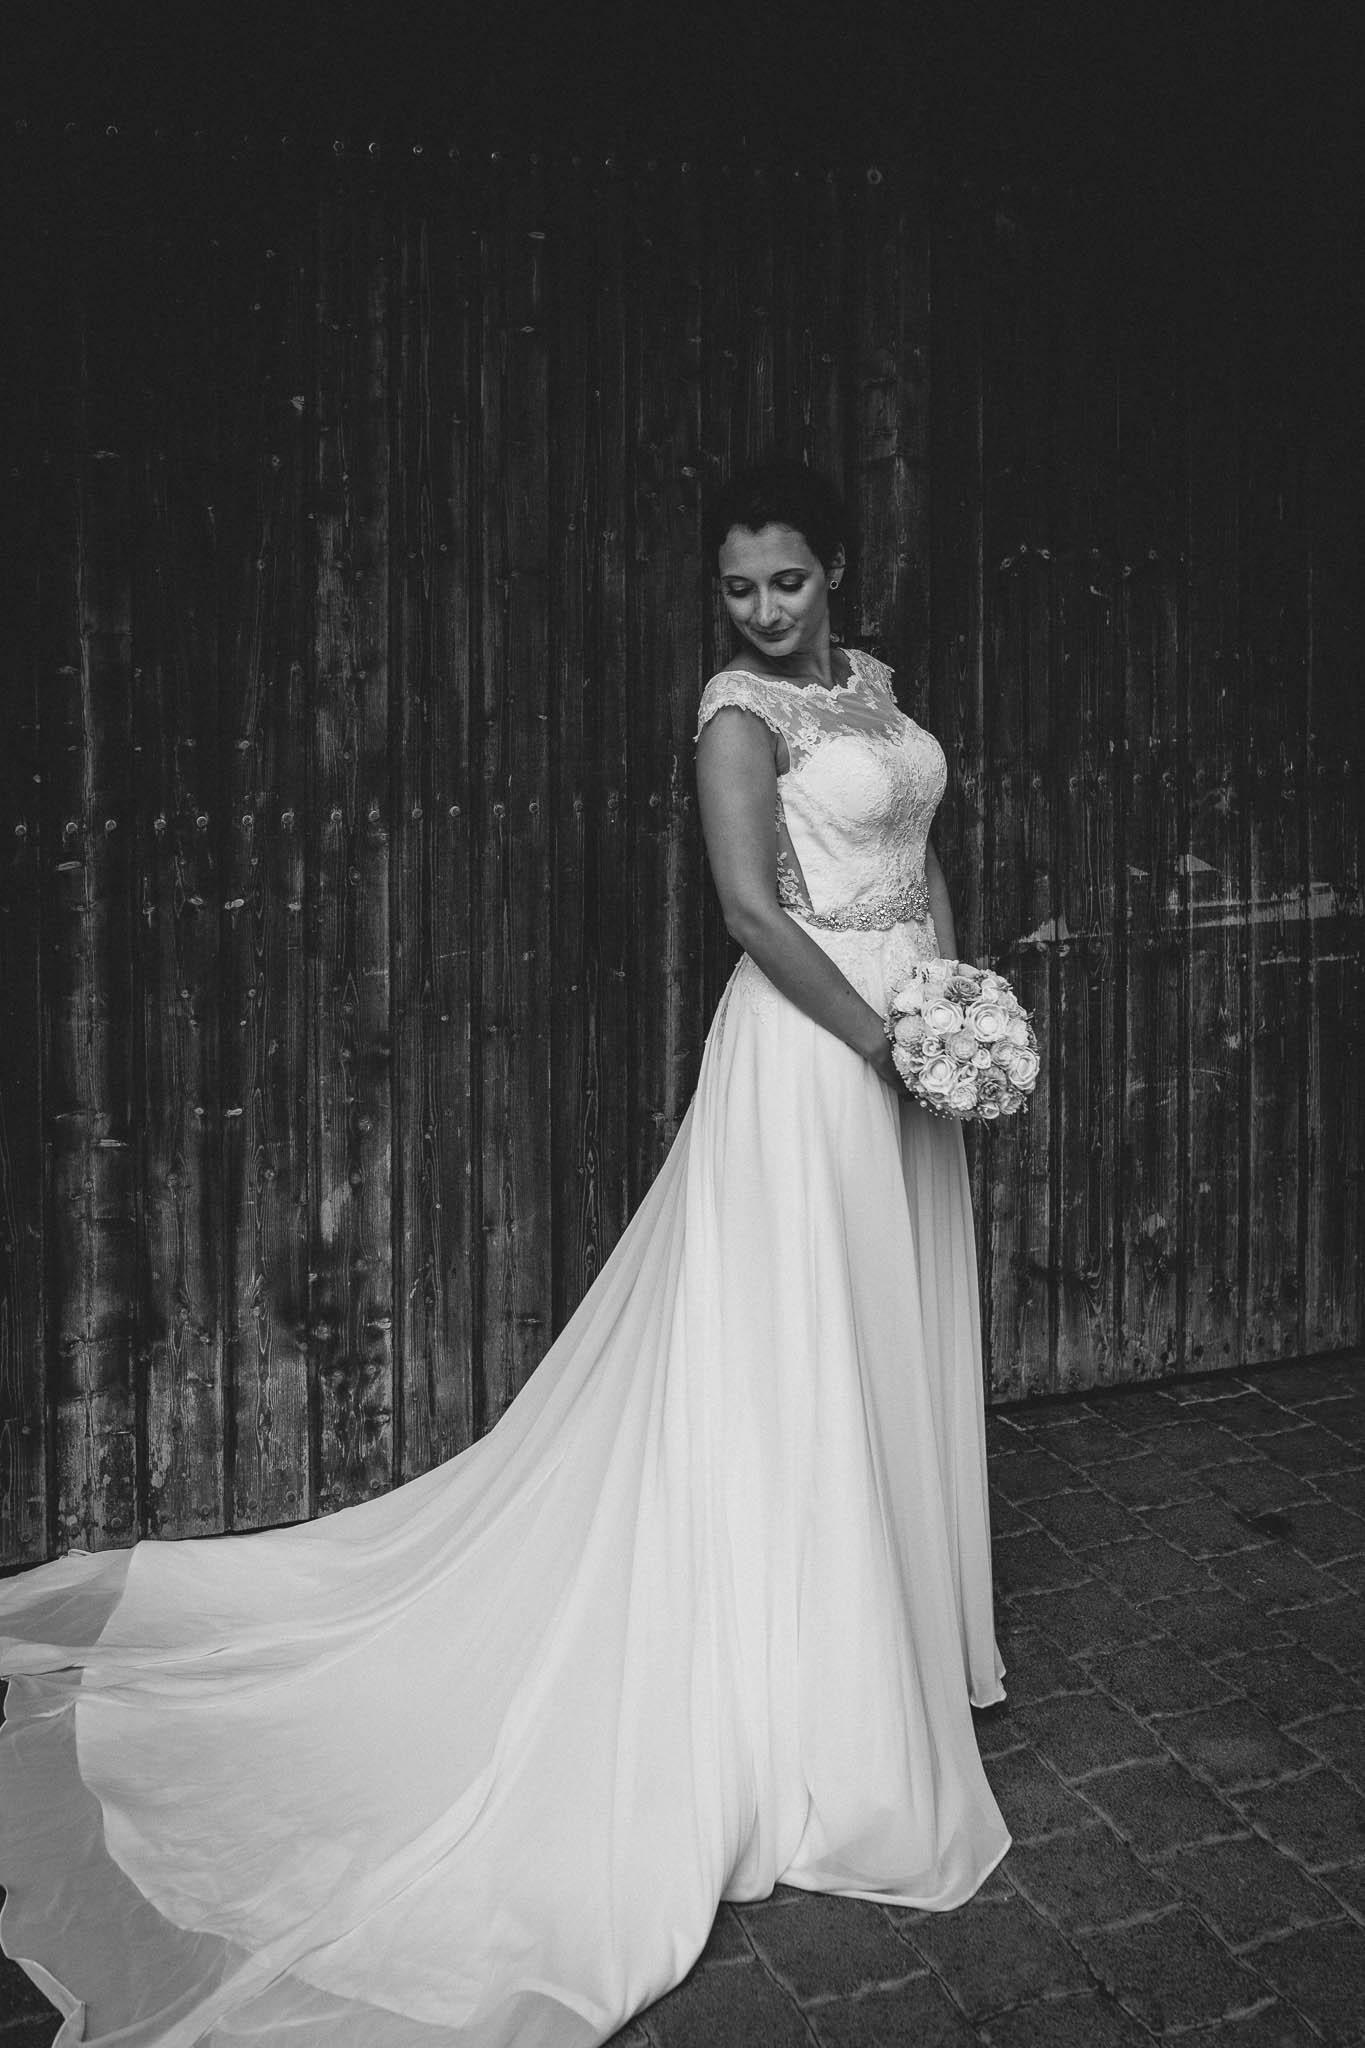 Hochzeitsfotograf Monzernheim: freie Trauung von Sarah & Patrick 40